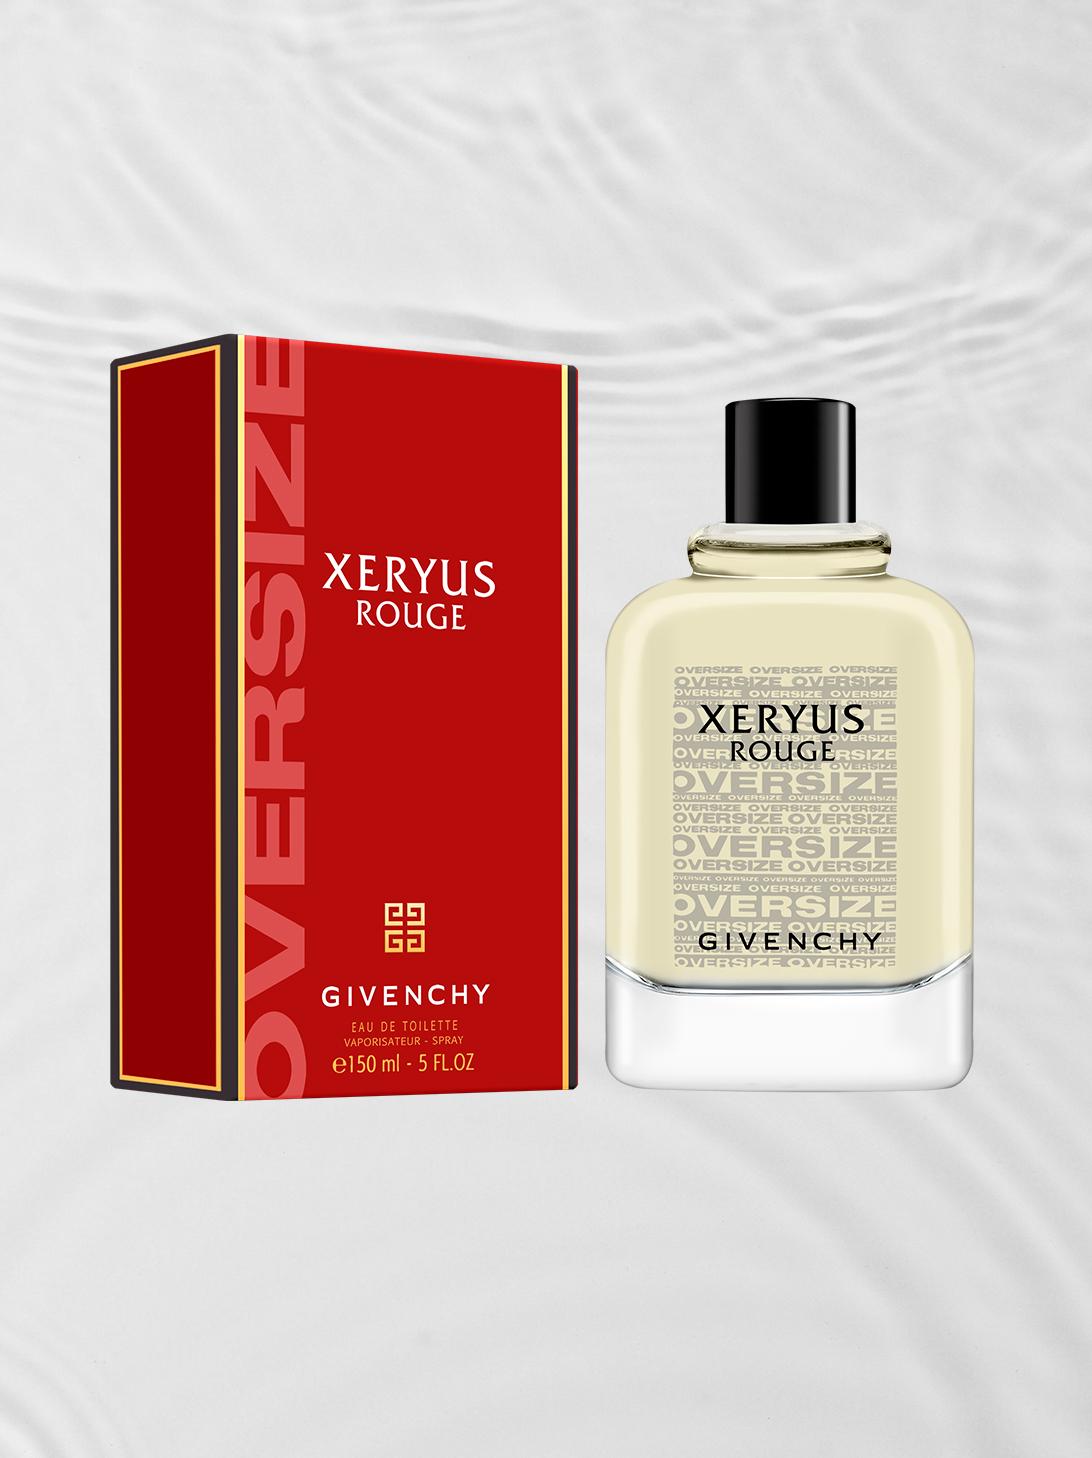 Xeryus Rouge Eau De Toilette Givenchy